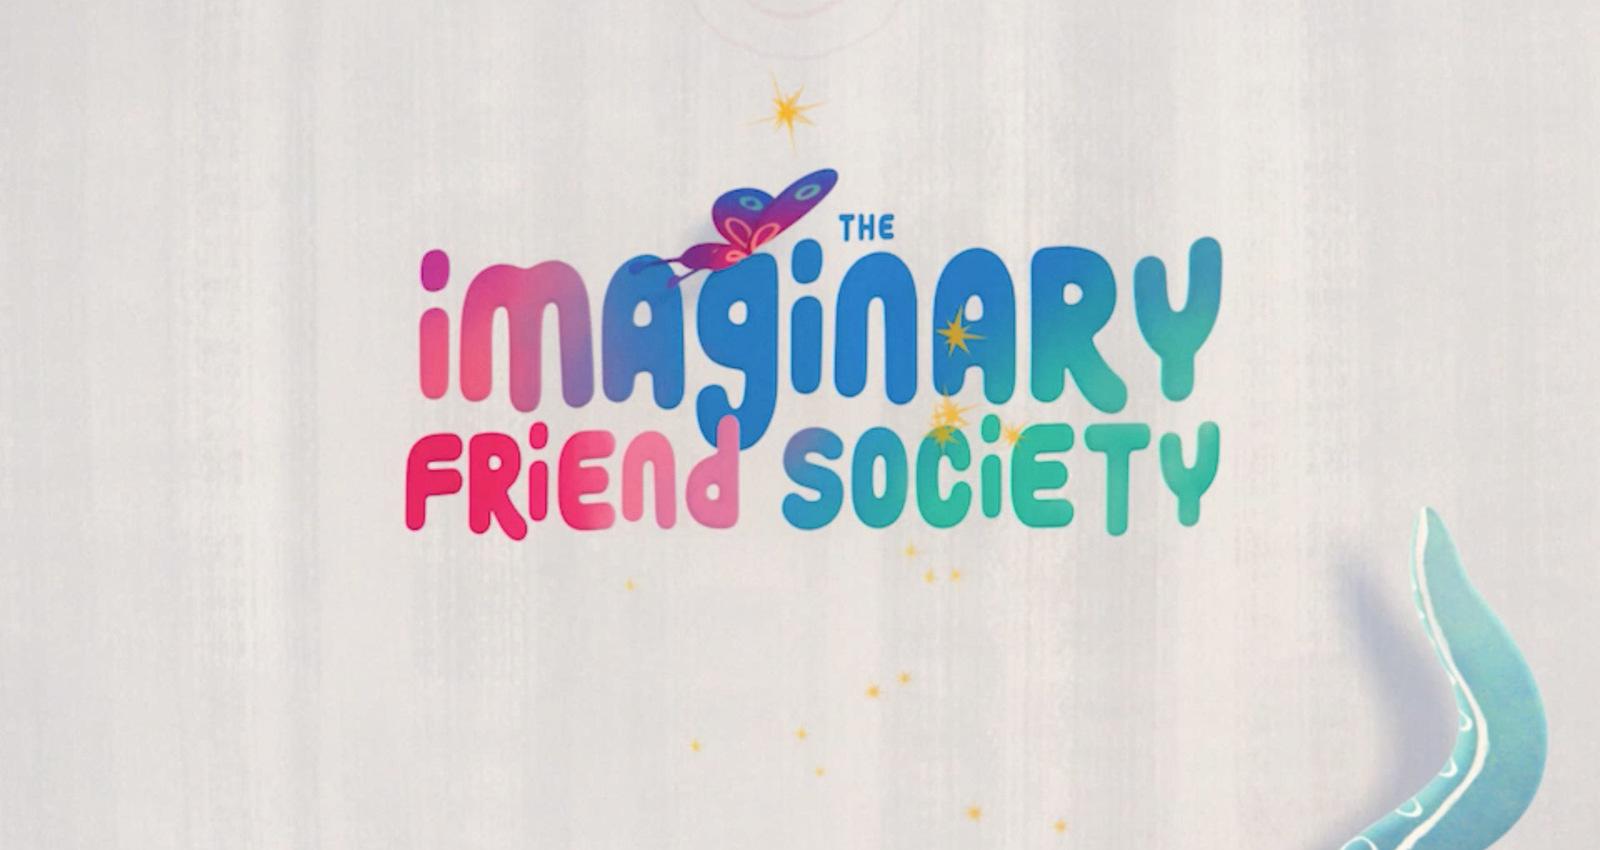 Imaginary Friend Society AR